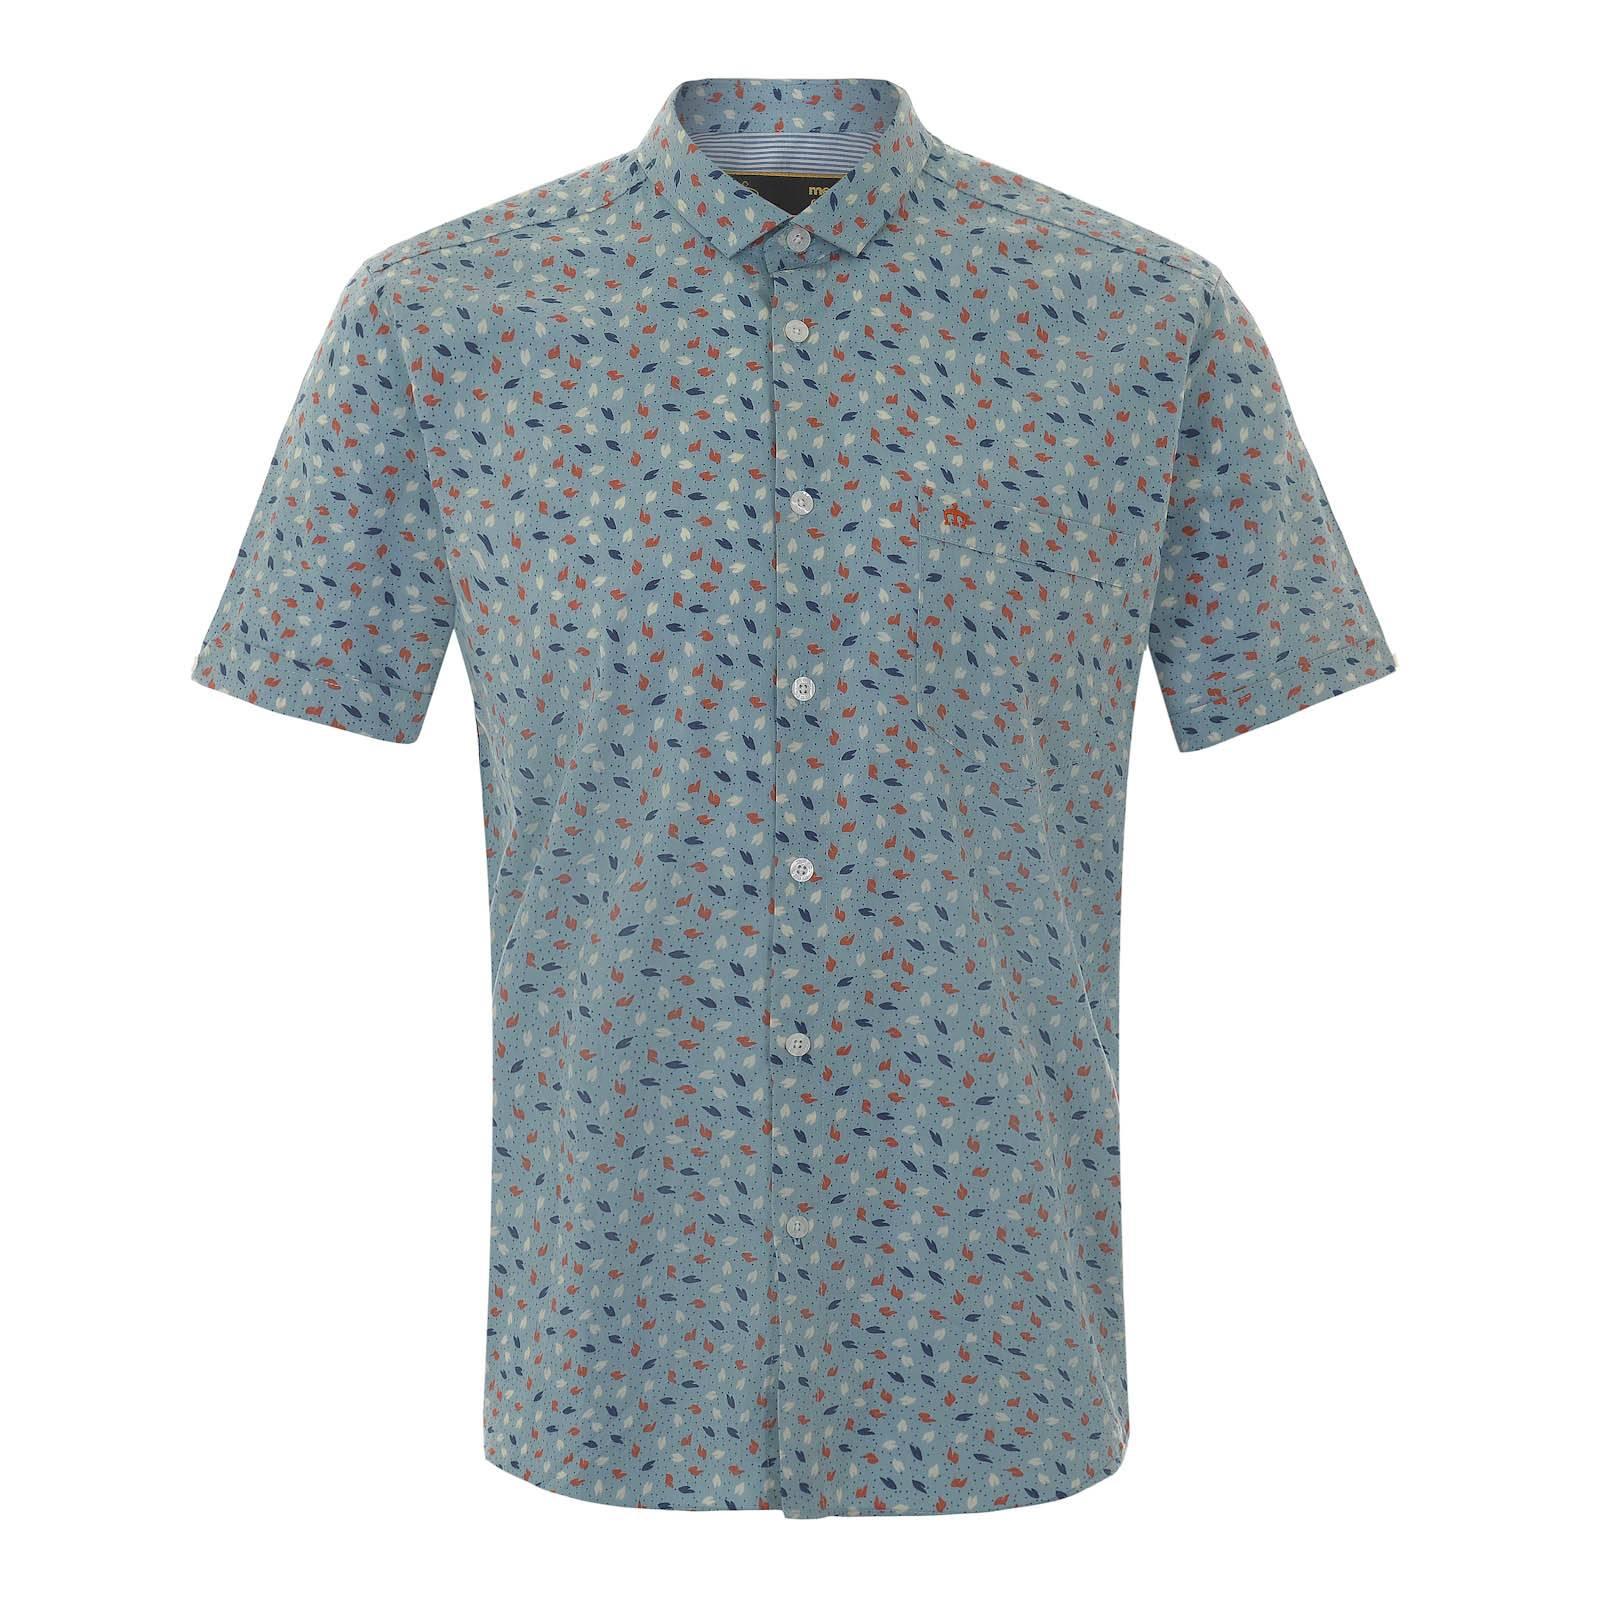 Рубашка OrmondРубашки<br>Приталенная мужская рубашка с насыщенным узором из разноцветных листьев, символизирующим пестроту красок весеннее-летнего сезона. Произведенная из традиционной рубашечной ткани поплин, эта сорочка отлично впишется в расслабленную атмосферу выходного дня за коктейлем на открытой веранде, в то же время придавая непринужденному луку элегантный и ухоженный вид. Брендирована фирменным логотипом Корона, вышитым на незаметном нагрудном кармане слева.<br><br>Артикул: 1515105<br>Материал: 100% хлопок<br>Цвет: голубой<br>Пол: Мужской